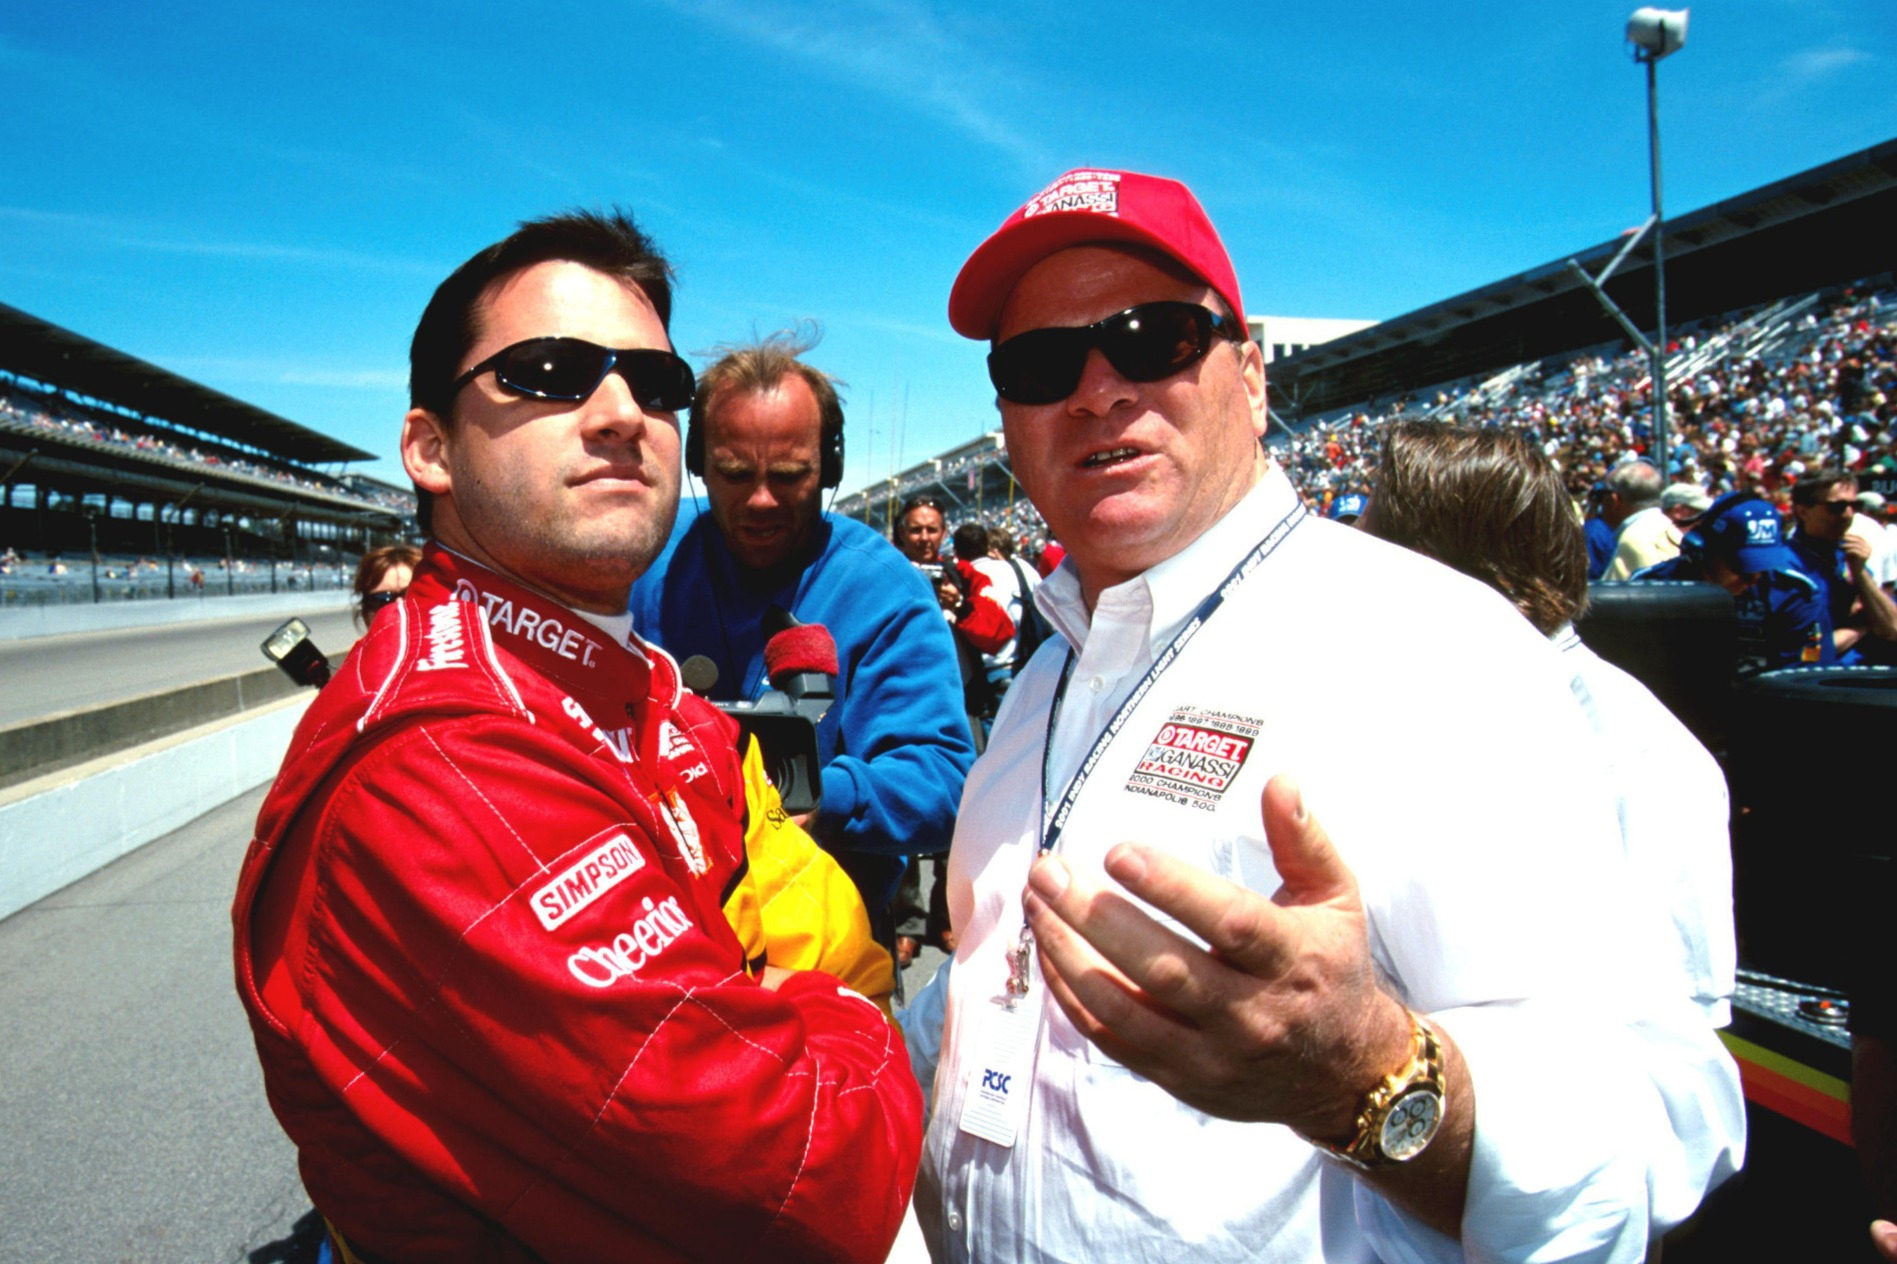 Tony Stewart, Chip Ganassi 2001 Indy 500